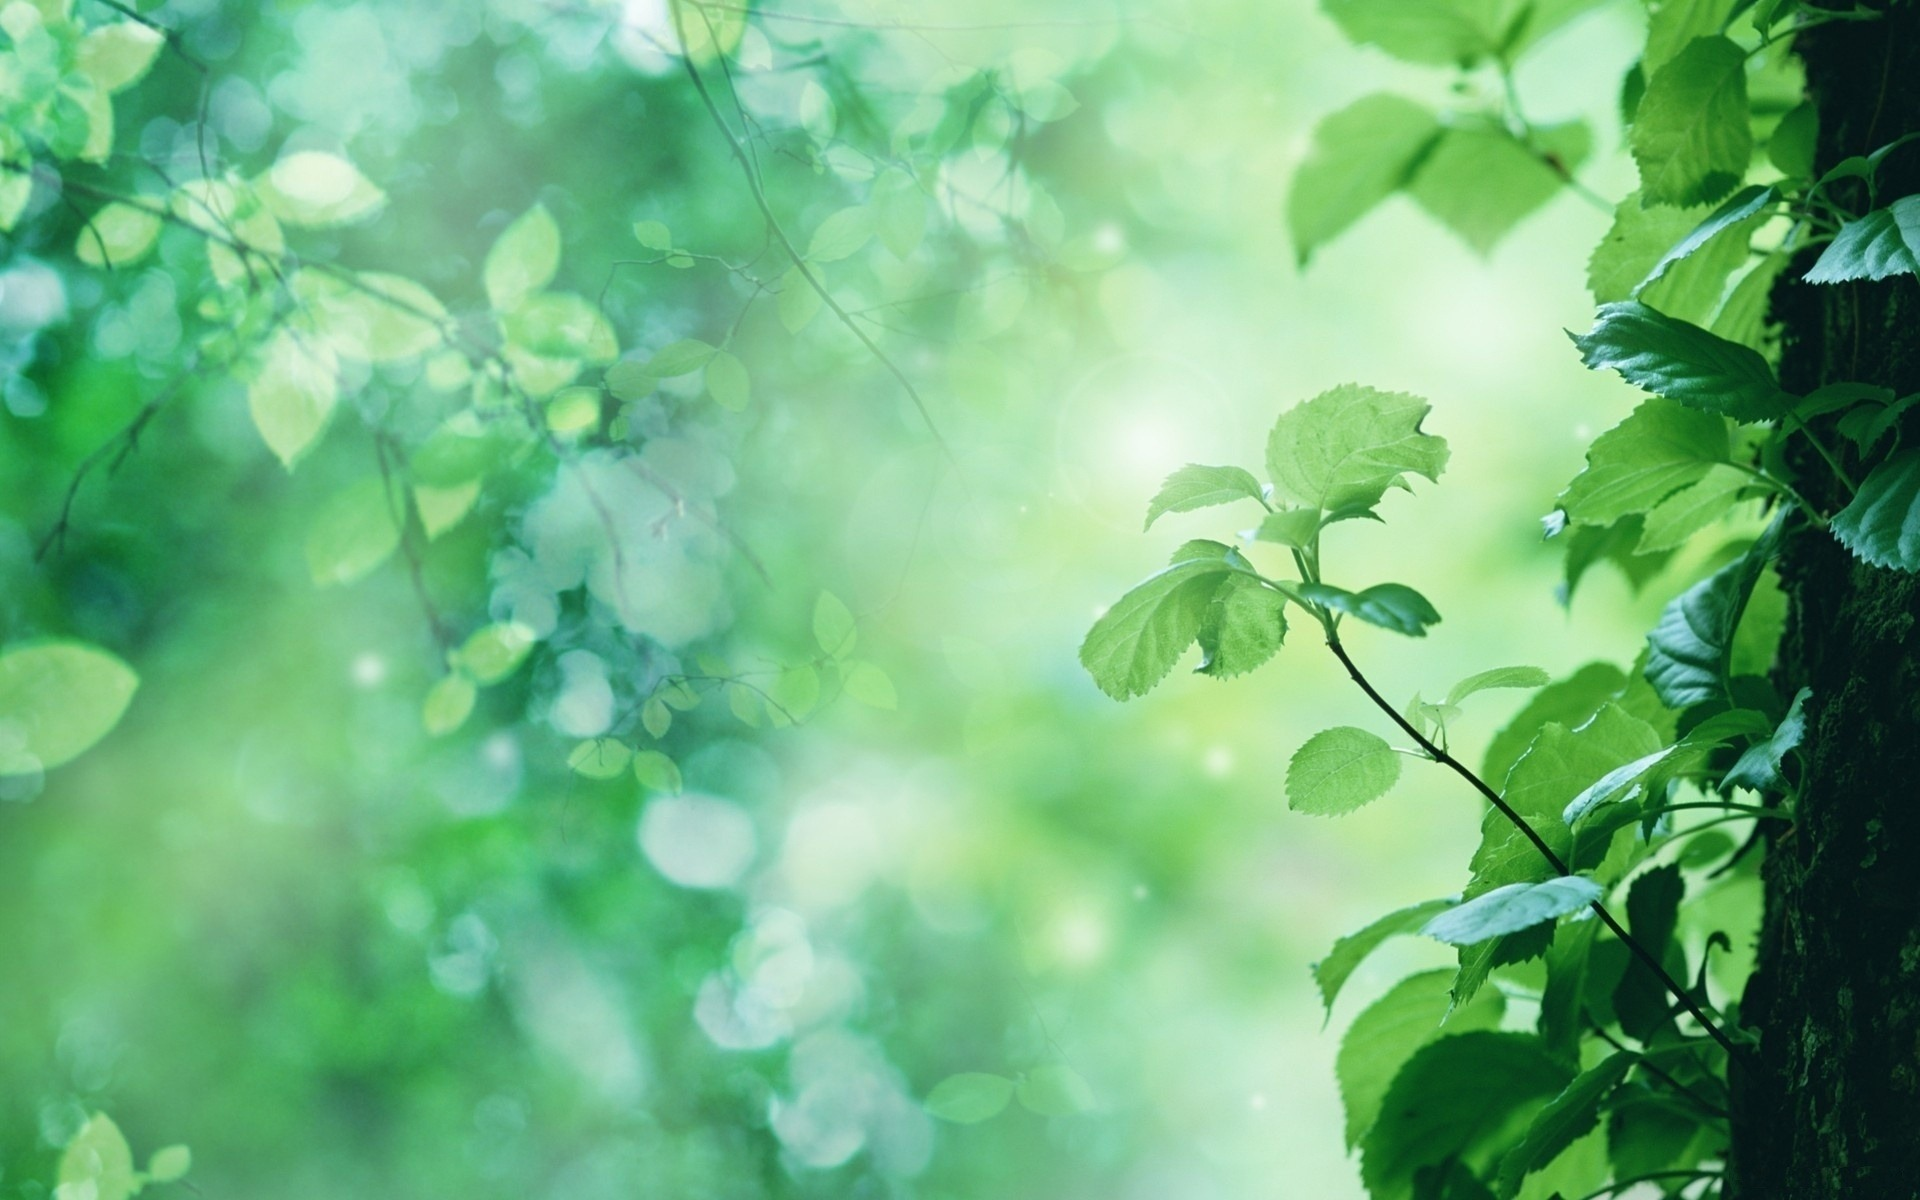 листья зелень фокус  № 1341627 без смс